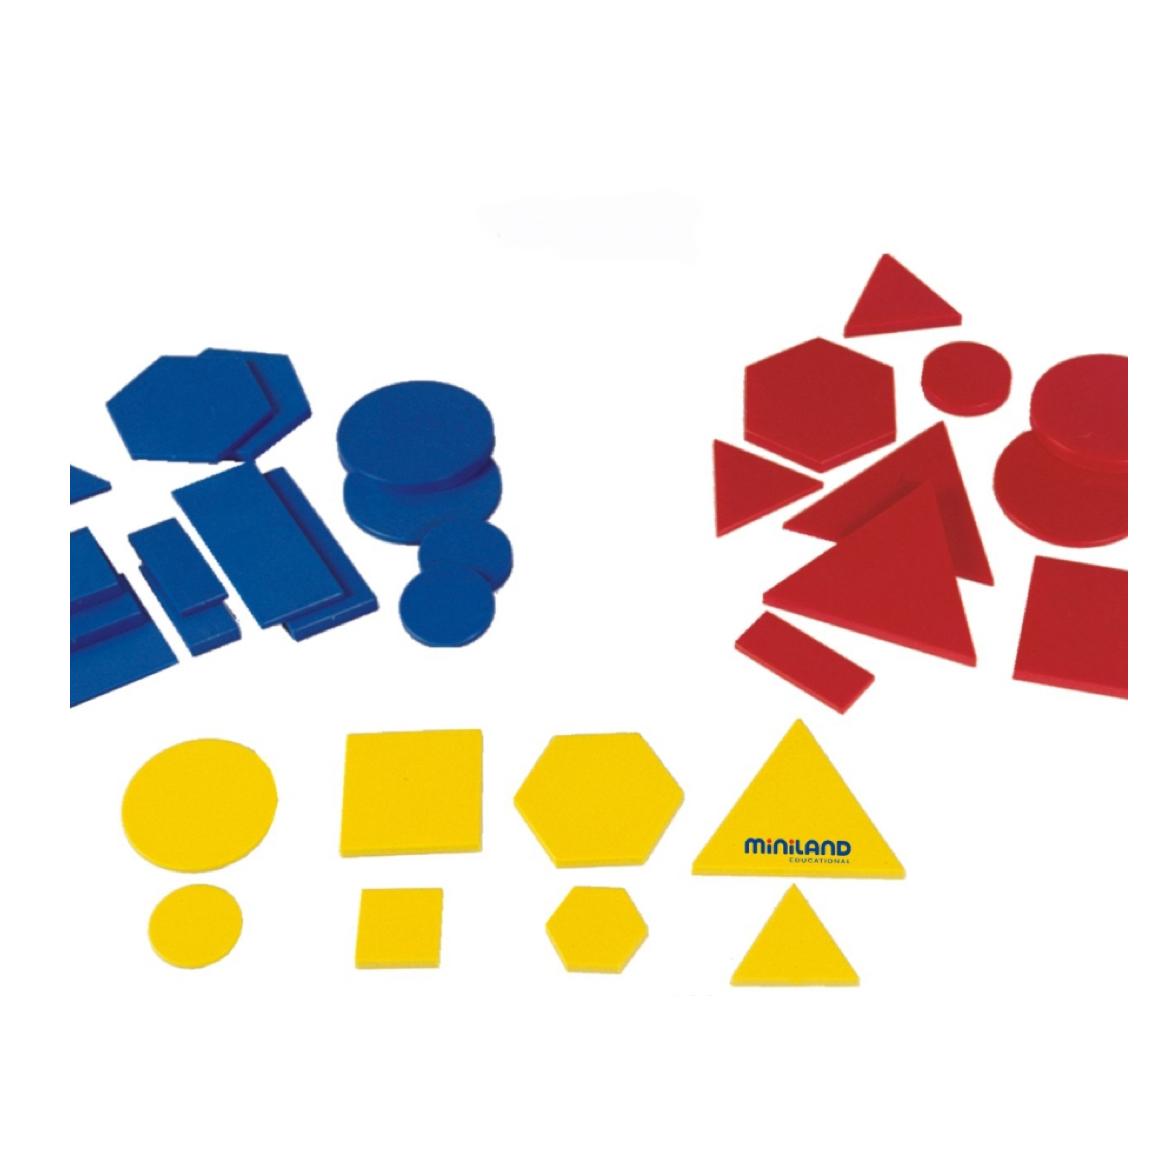 bloques-logicos-de-miniland-en-el-mundo-de-mico-4